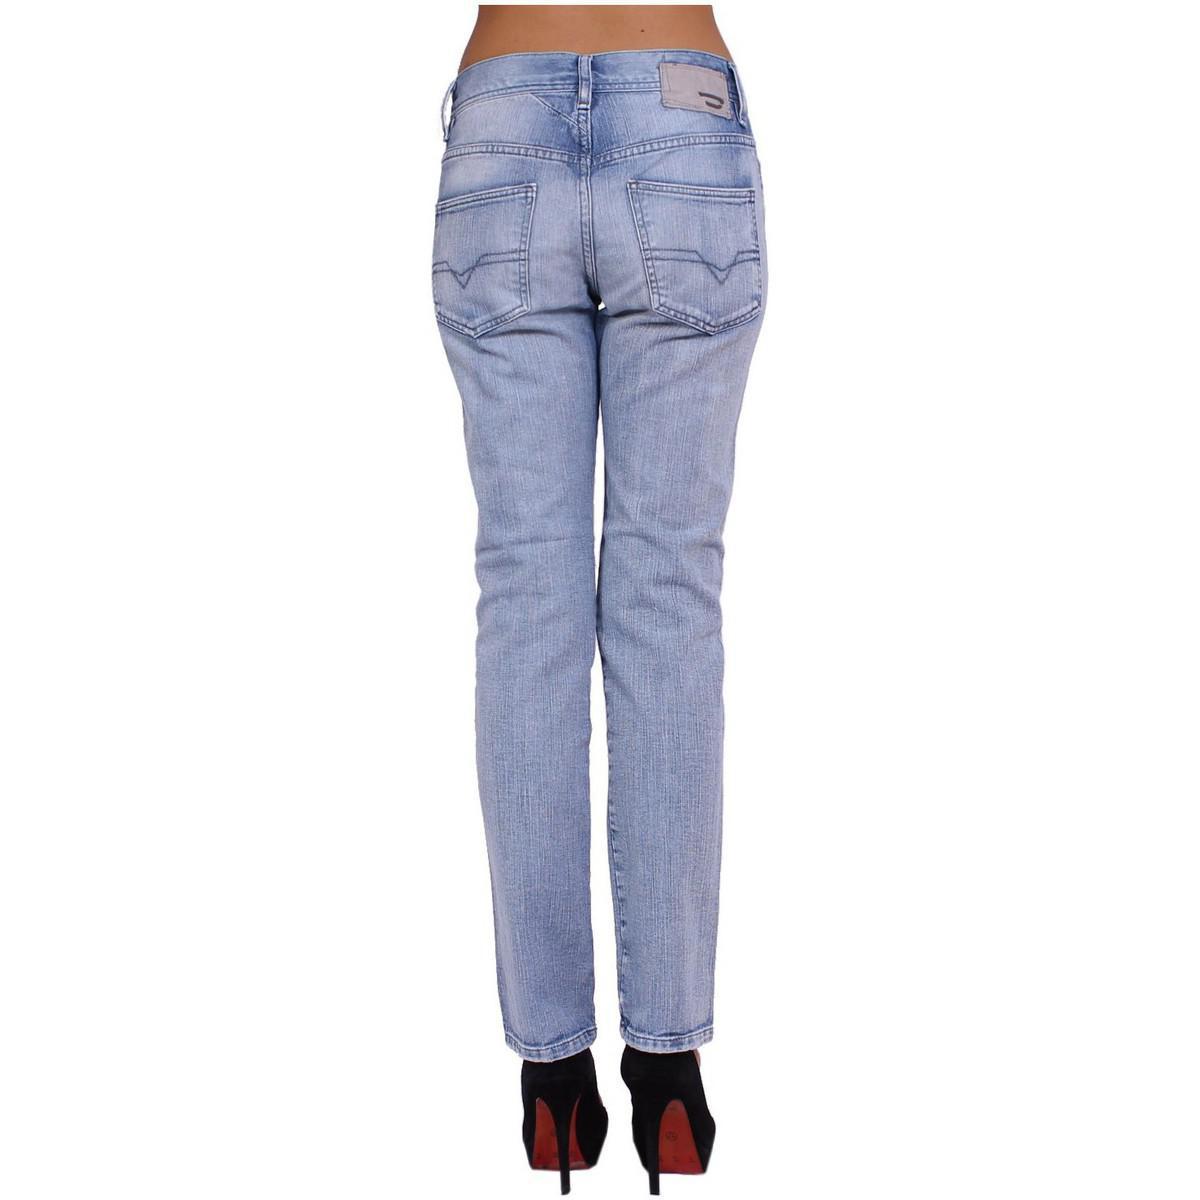 de4d49f1 DIESEL - - Women's Jeans Staffy - Wash 8sz - Stretch Women's Jeans In Blue  -. View fullscreen